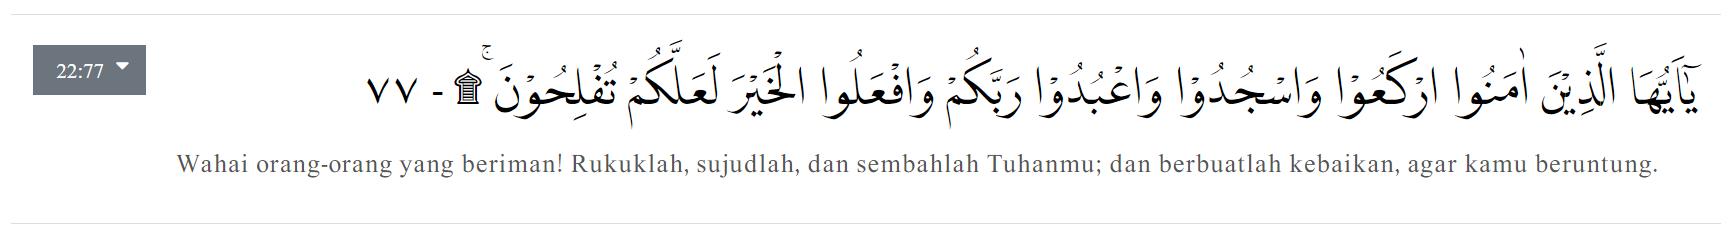 Al-Hajj ayat 77 Kewirausahaan